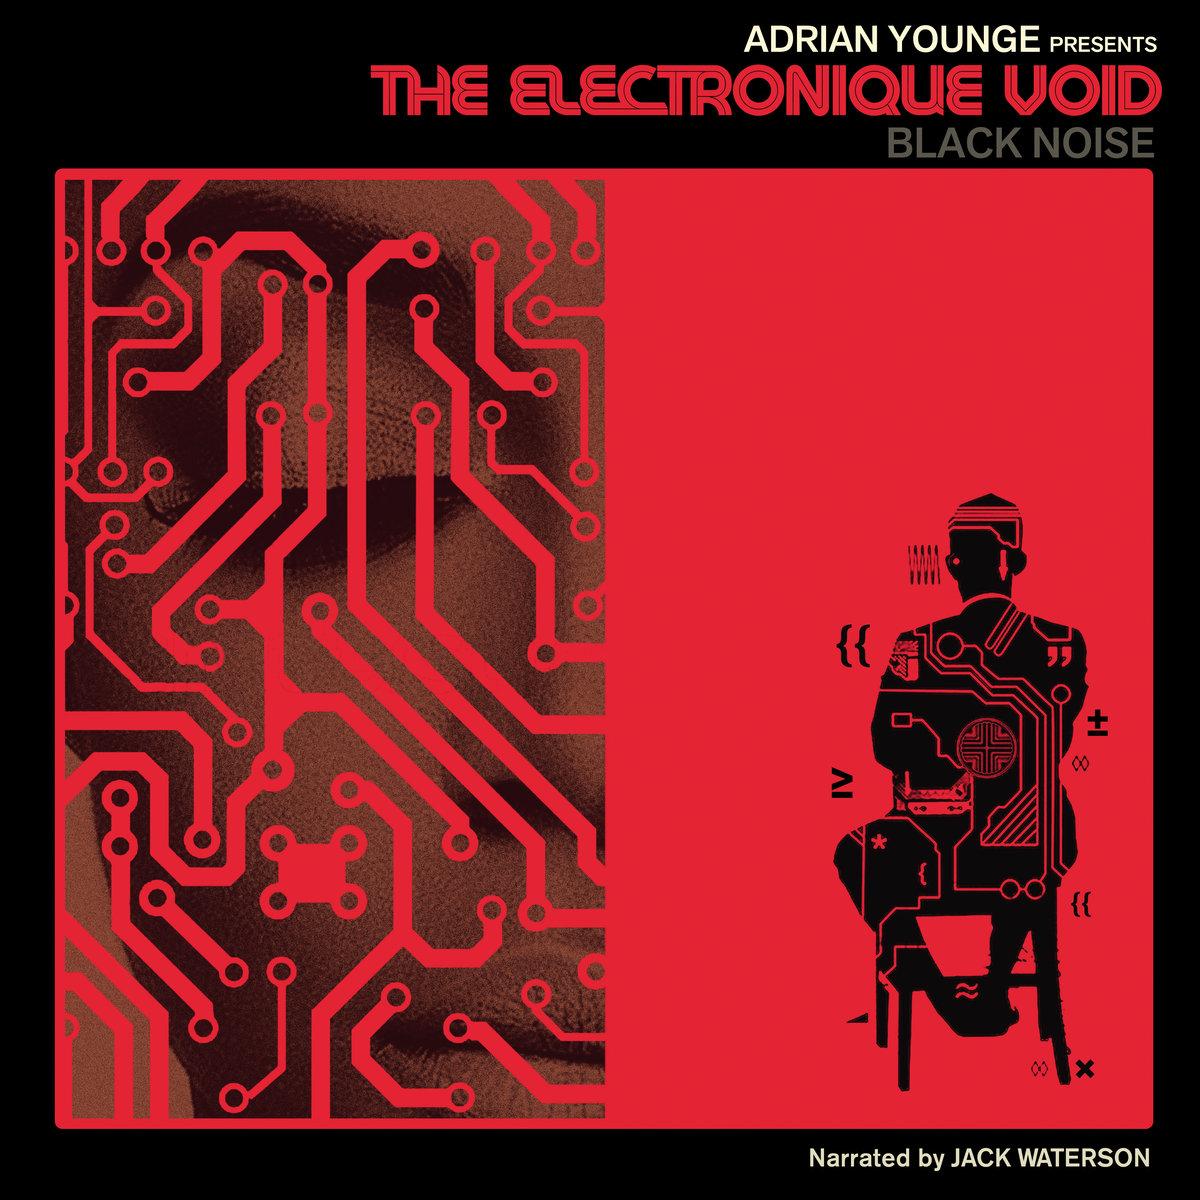 adrian-younge-x-hachim-bahous-the-electronique-void-black-noise